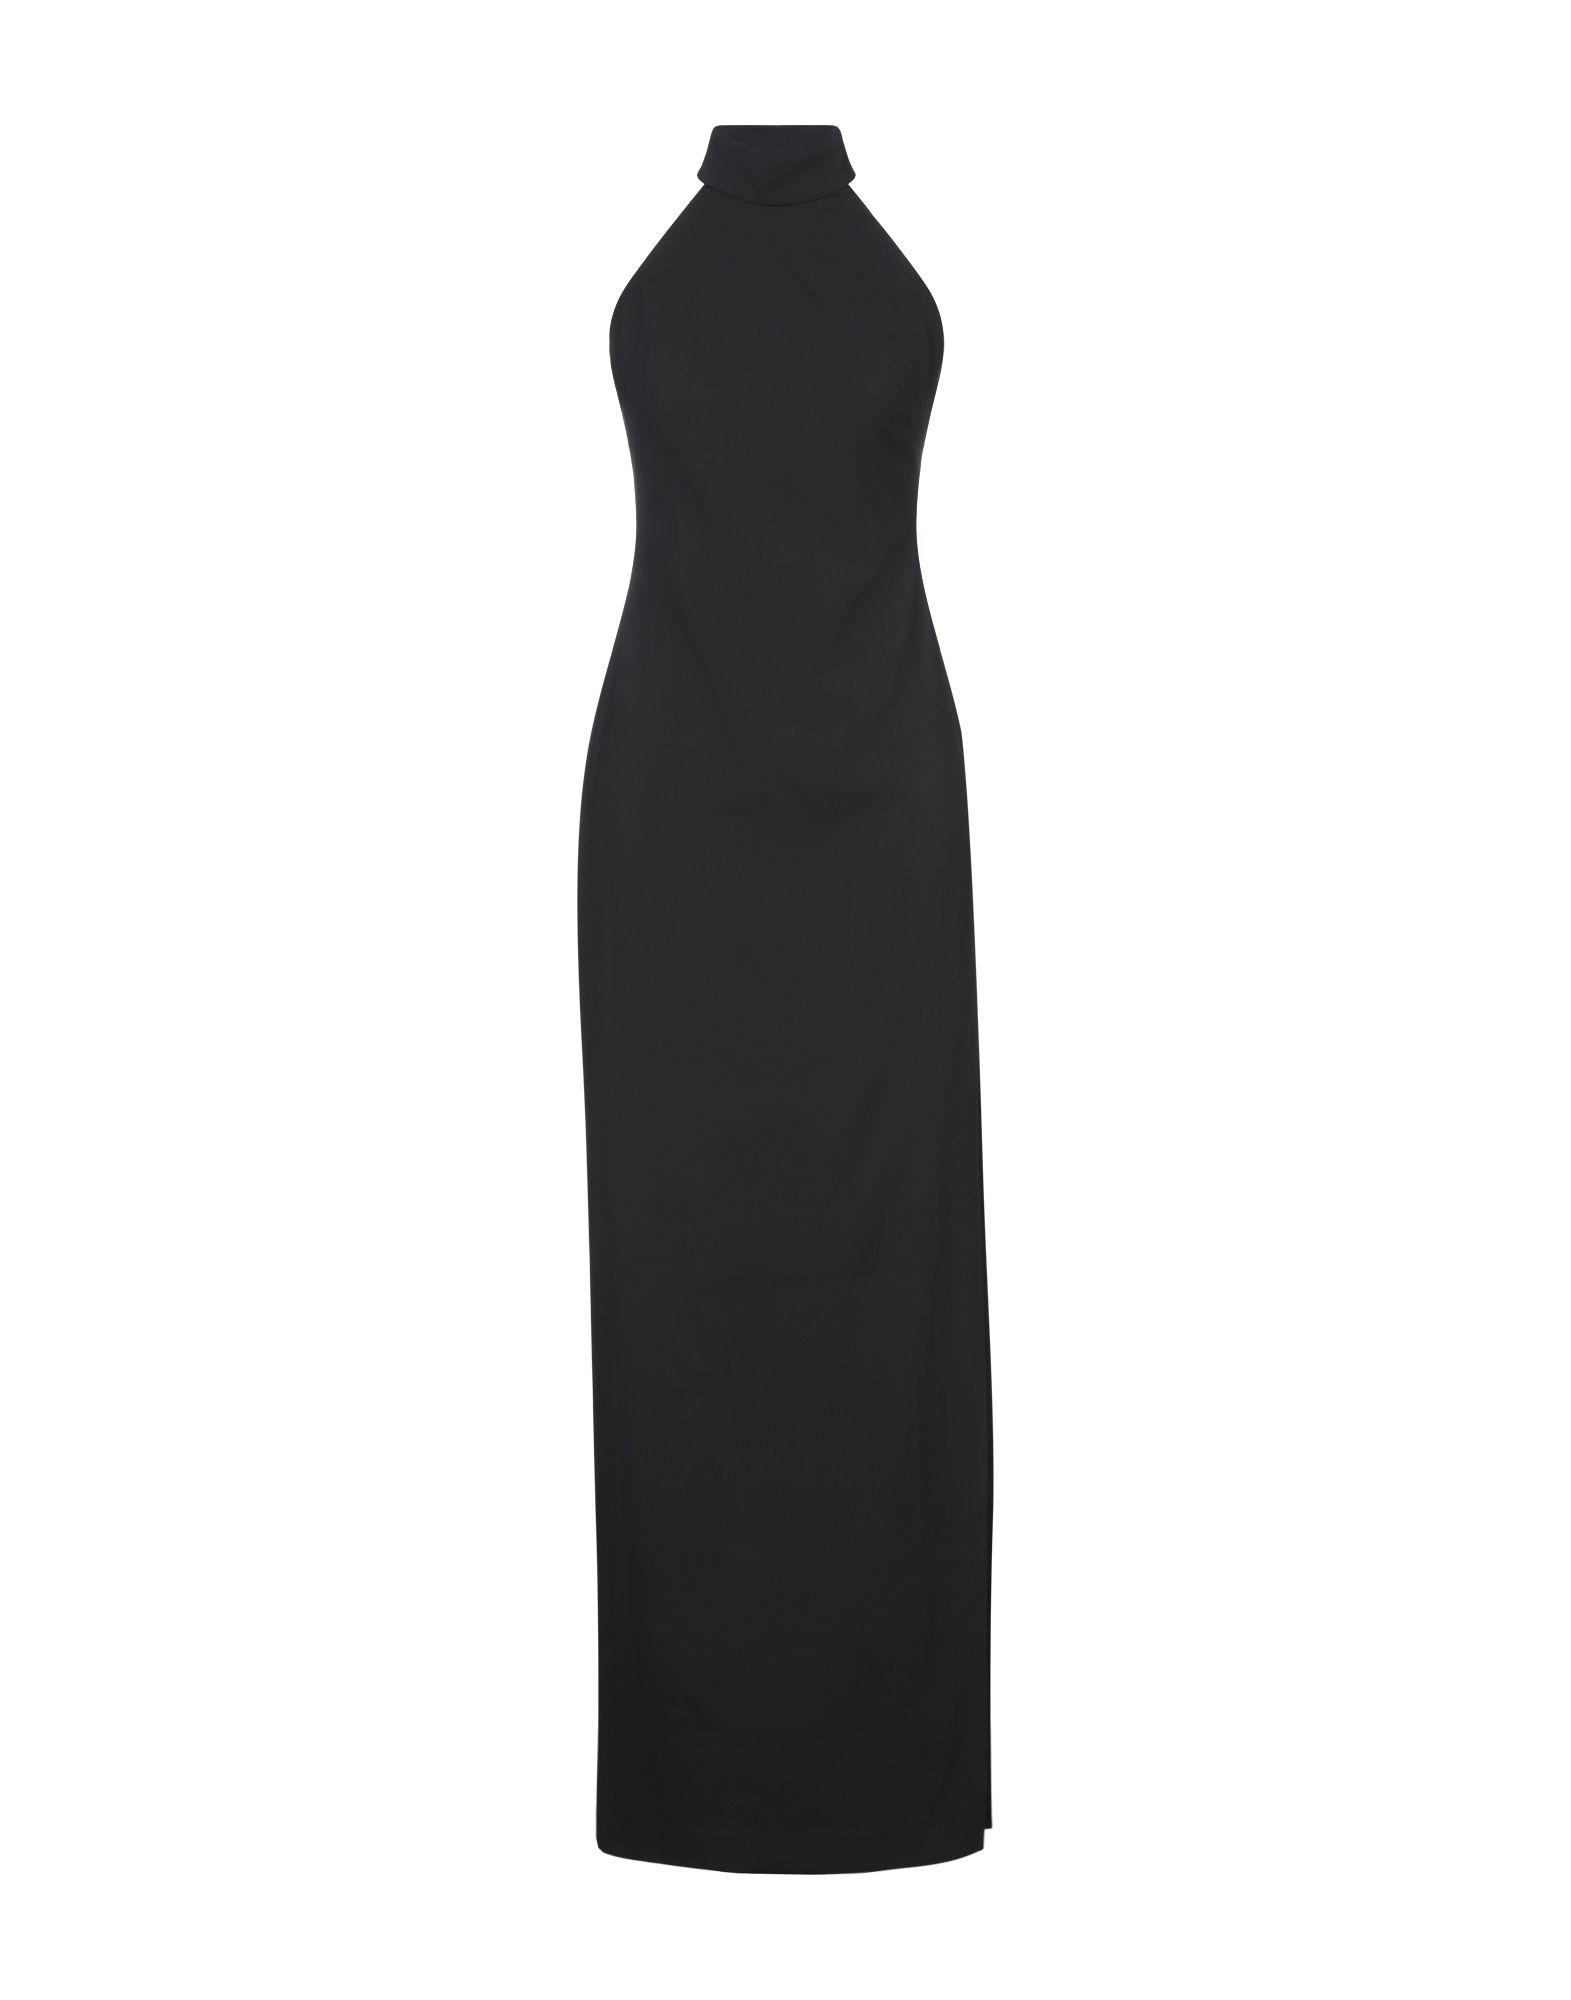 《セール開催中》BADGLEY MISCHKA レディース ロングワンピース&ドレス ブラック 4 ポリエステル 98% / ポリウレタン 2%